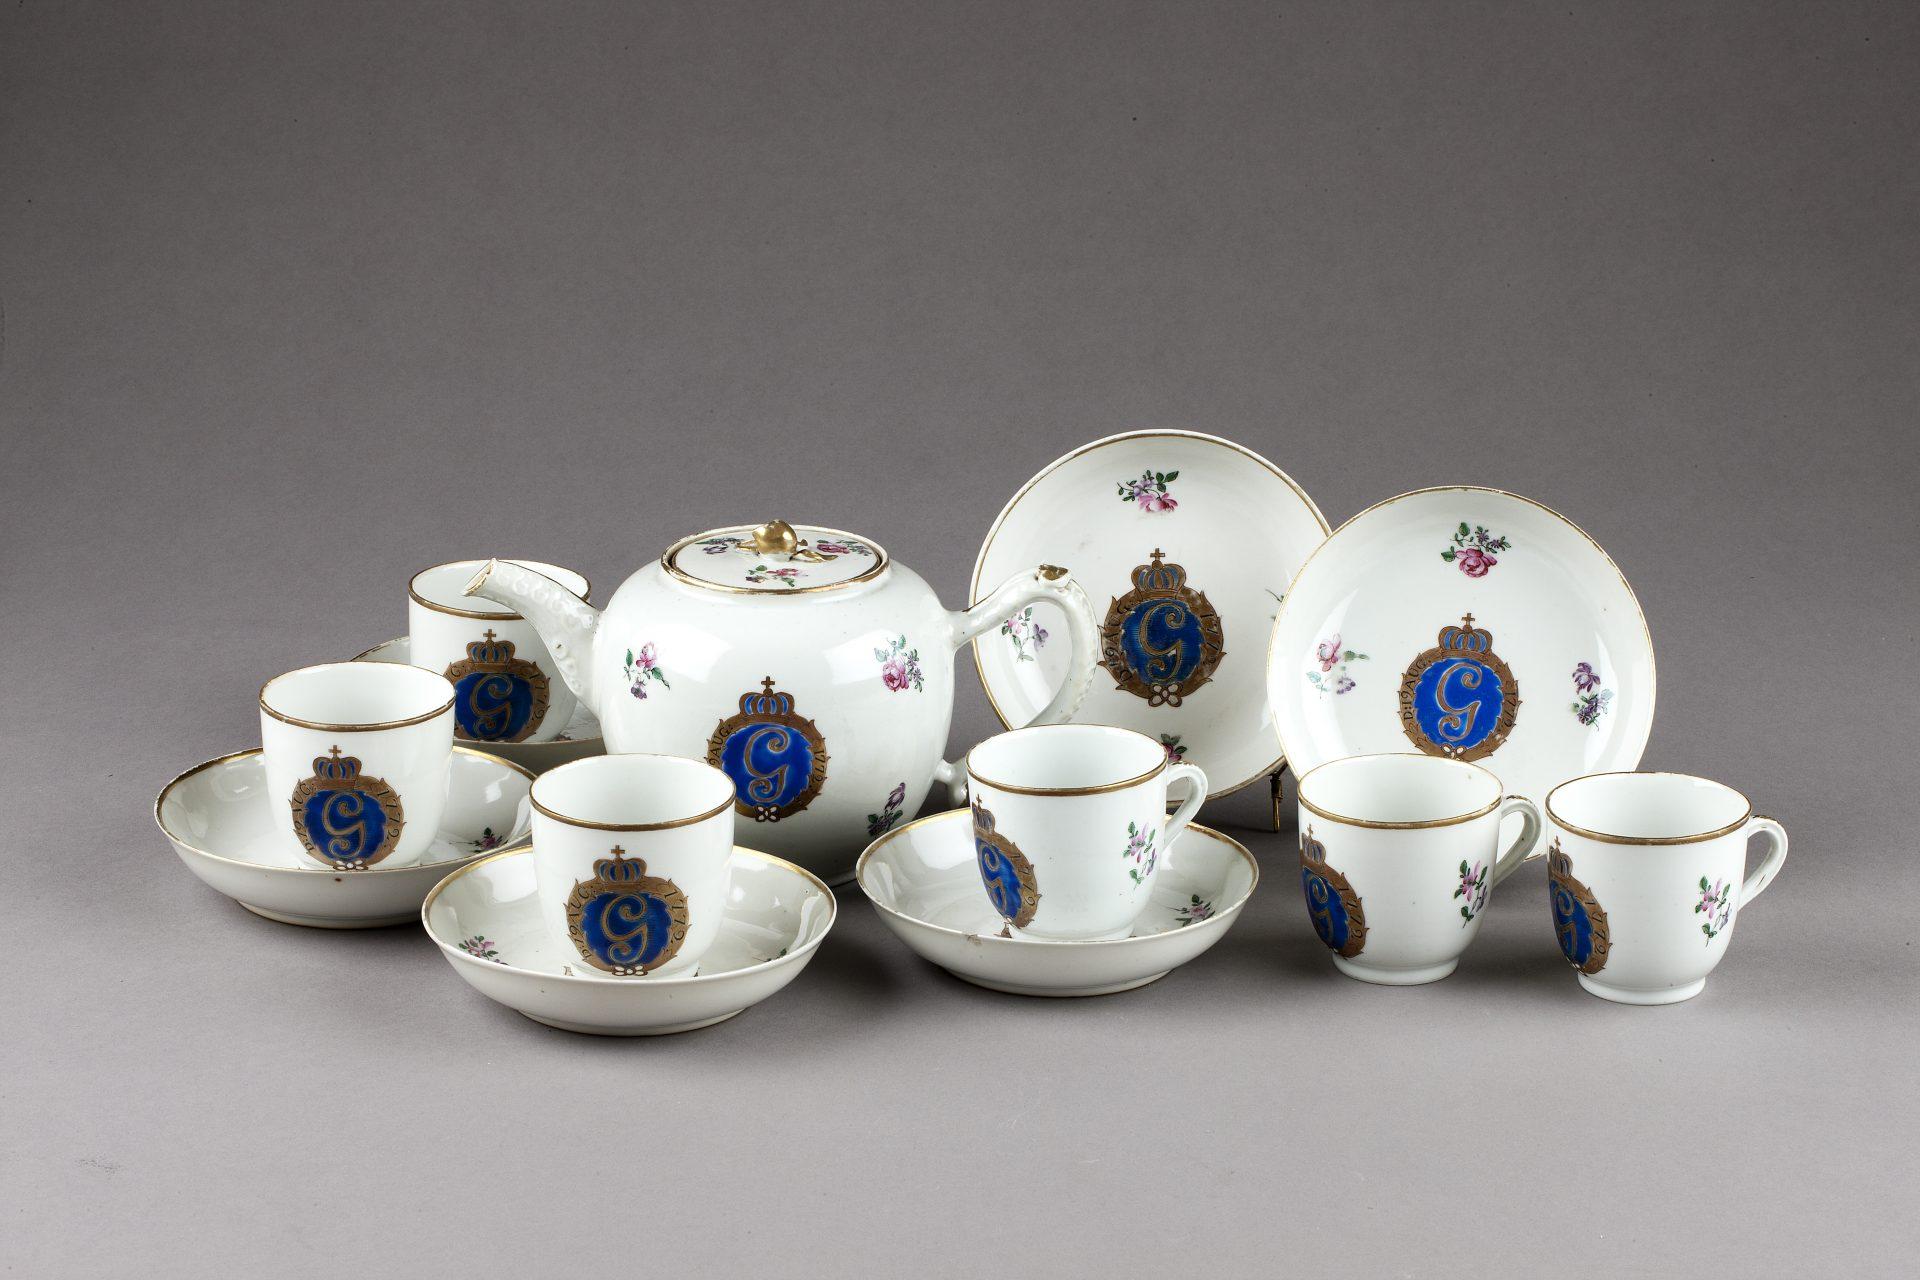 Servis med sex koppar, fat och en tekanna i vitt porslin med dekor i blått och guld.